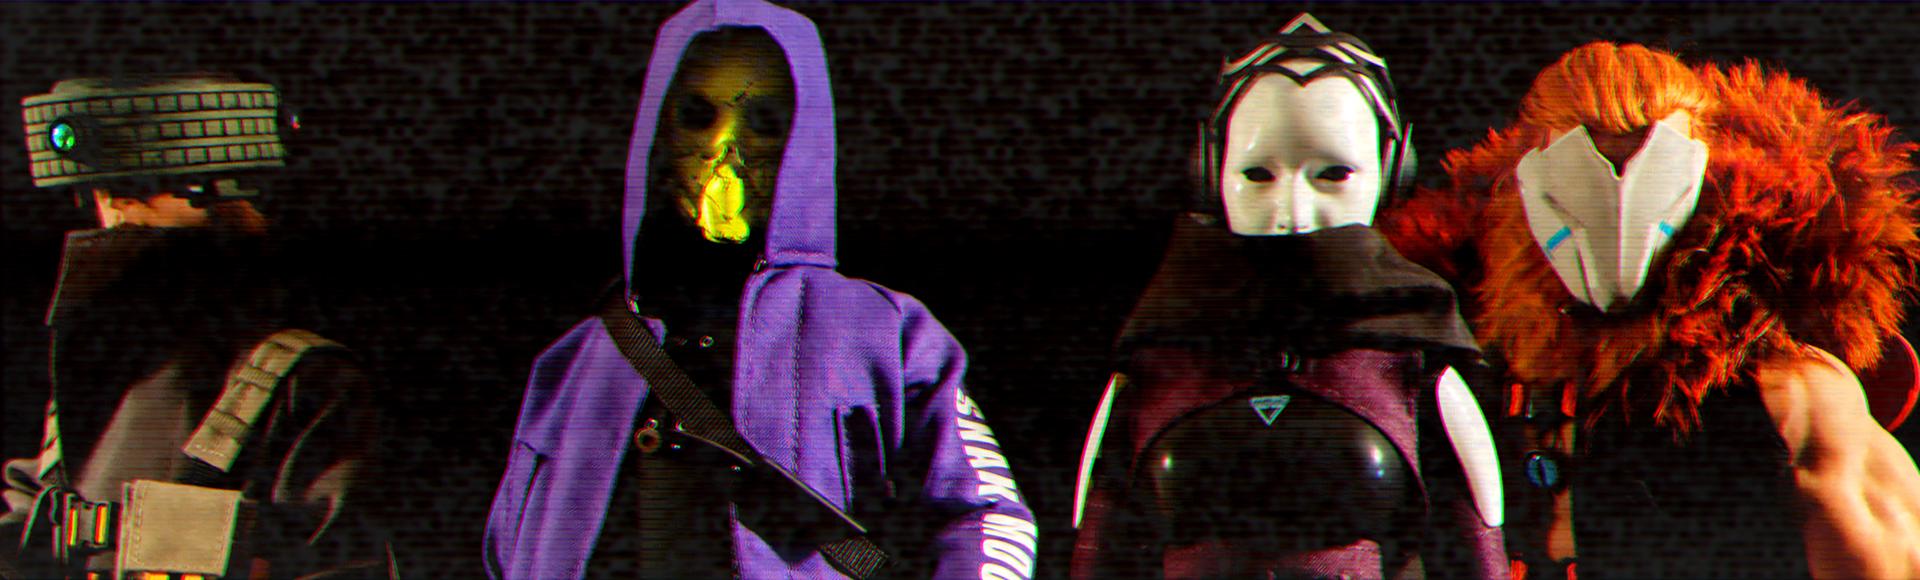 Cyberpunk MOTU Villains